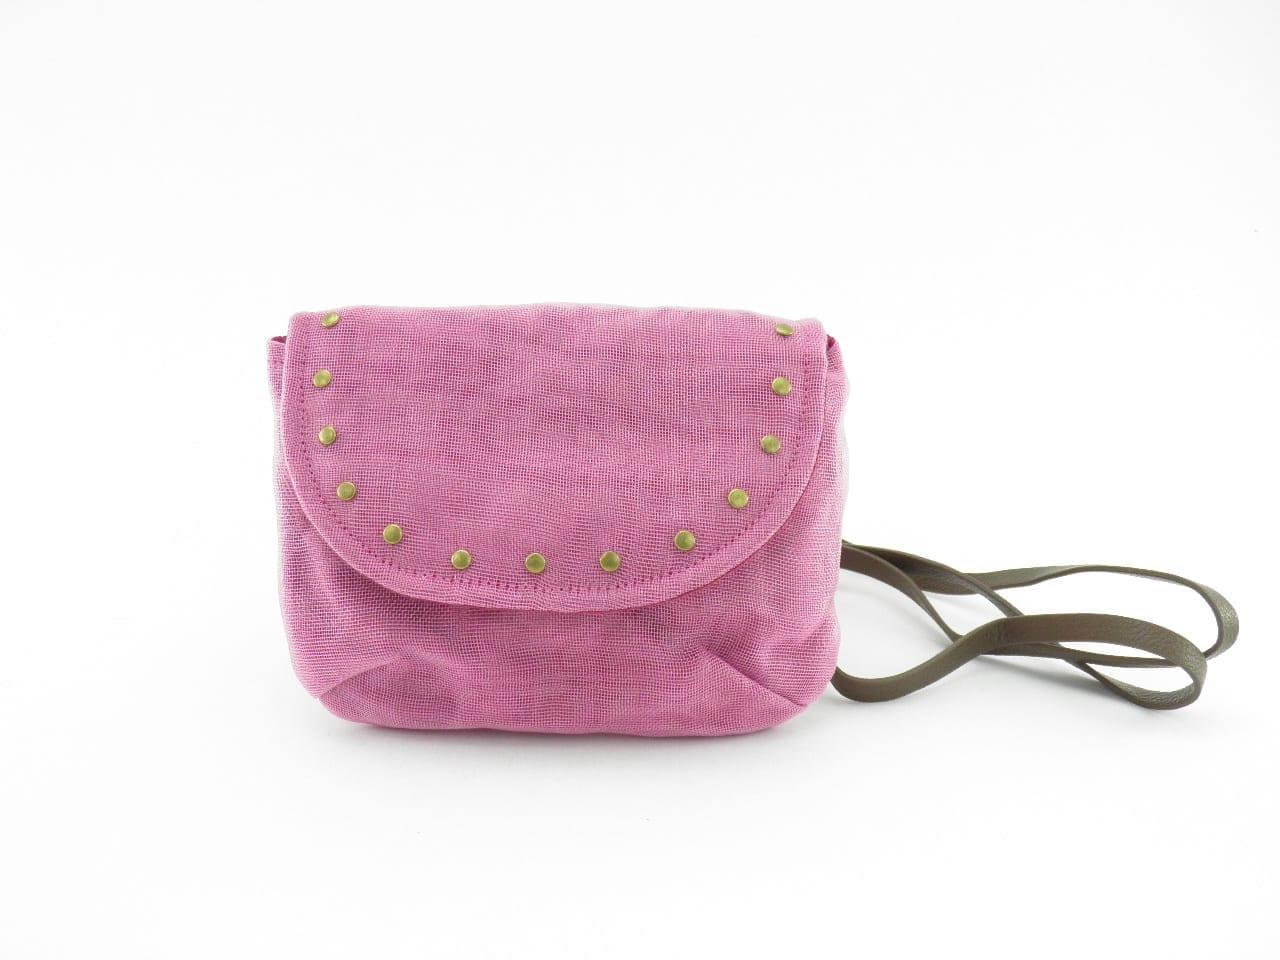 Le Minibag - Sac avec rivets éthique - Rose